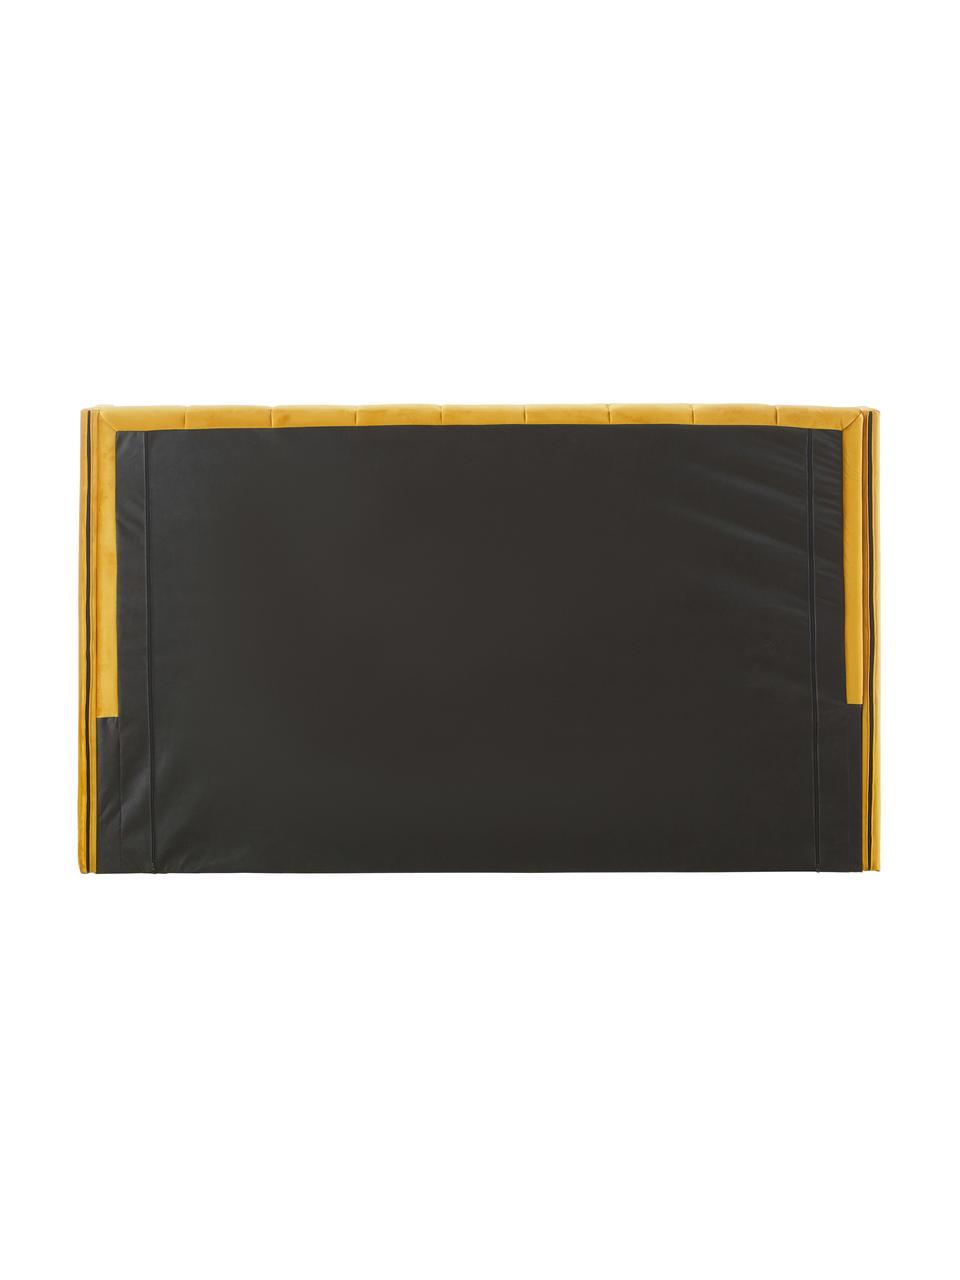 Gestoffeerd fluwelen bed Dusk in geel, Frame: massief grenenhout en pla, Bekleding: polyester fluweel, 320 g/, Poten: gepoedercoat metaal, Fluweel geel, 200 x 200 cm